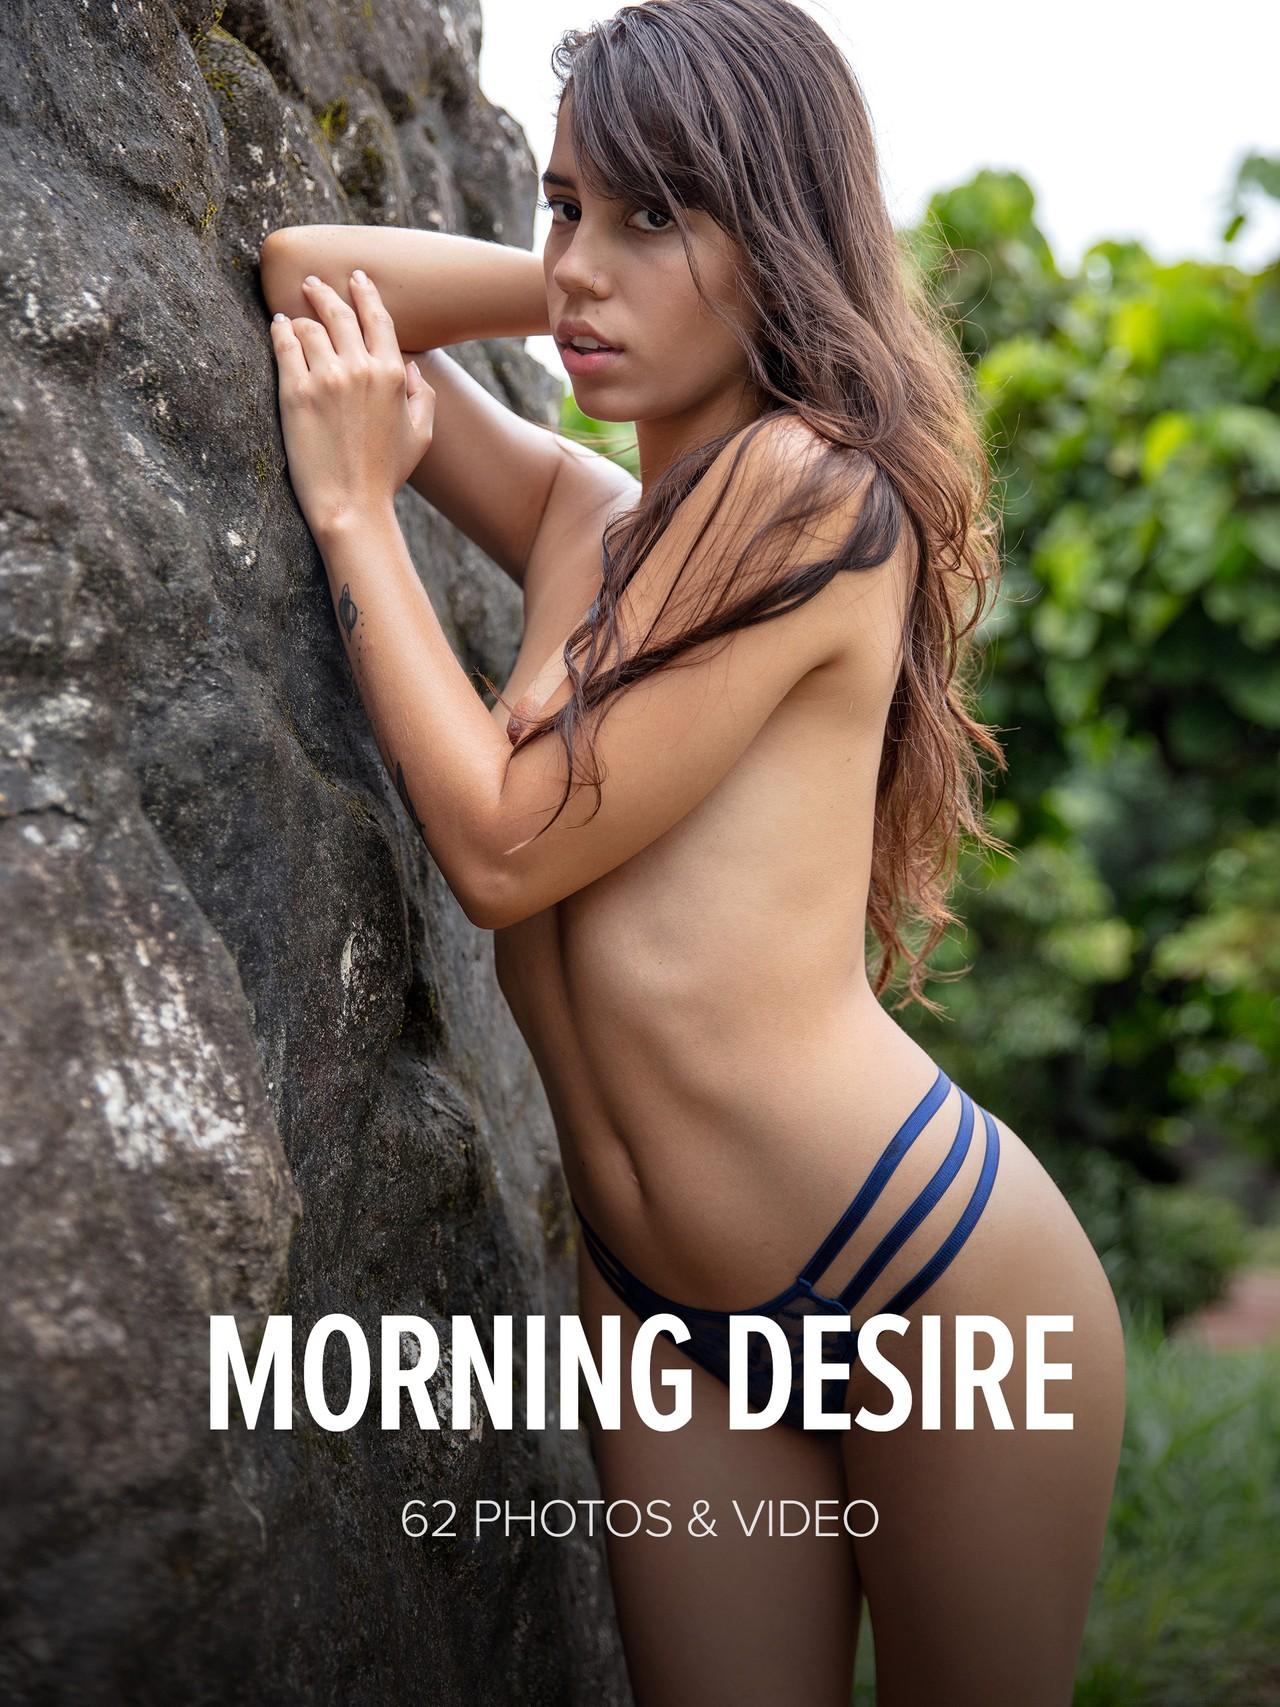 Clarisse: Morning Desire